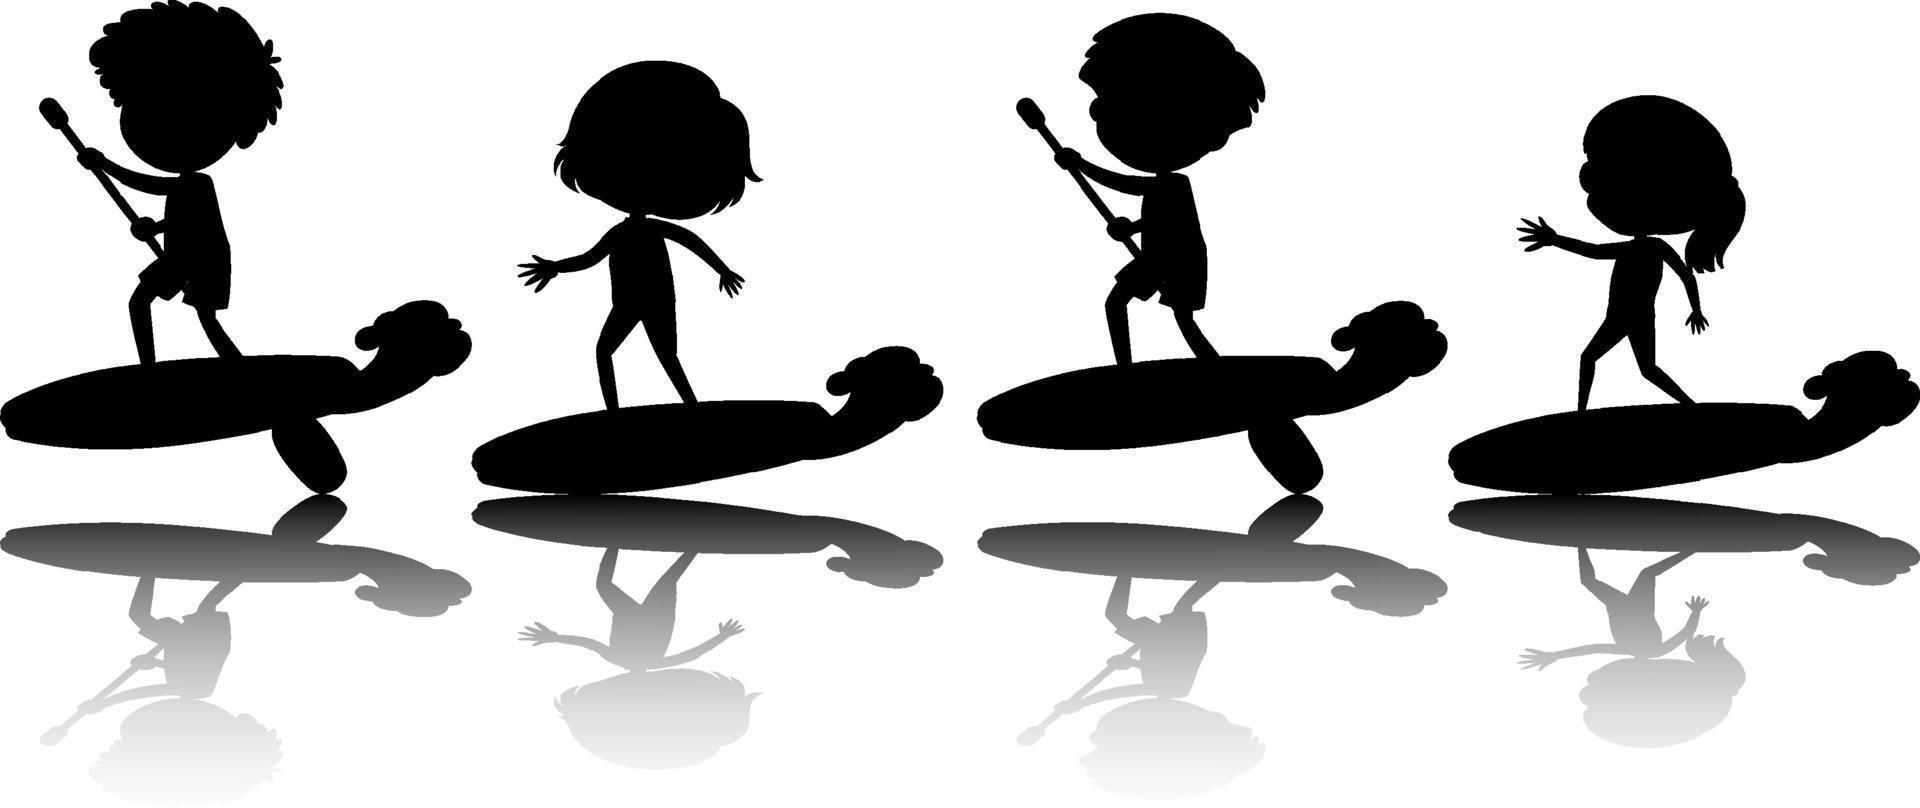 uppsättning av olika barn på surfbräda siluett vektor